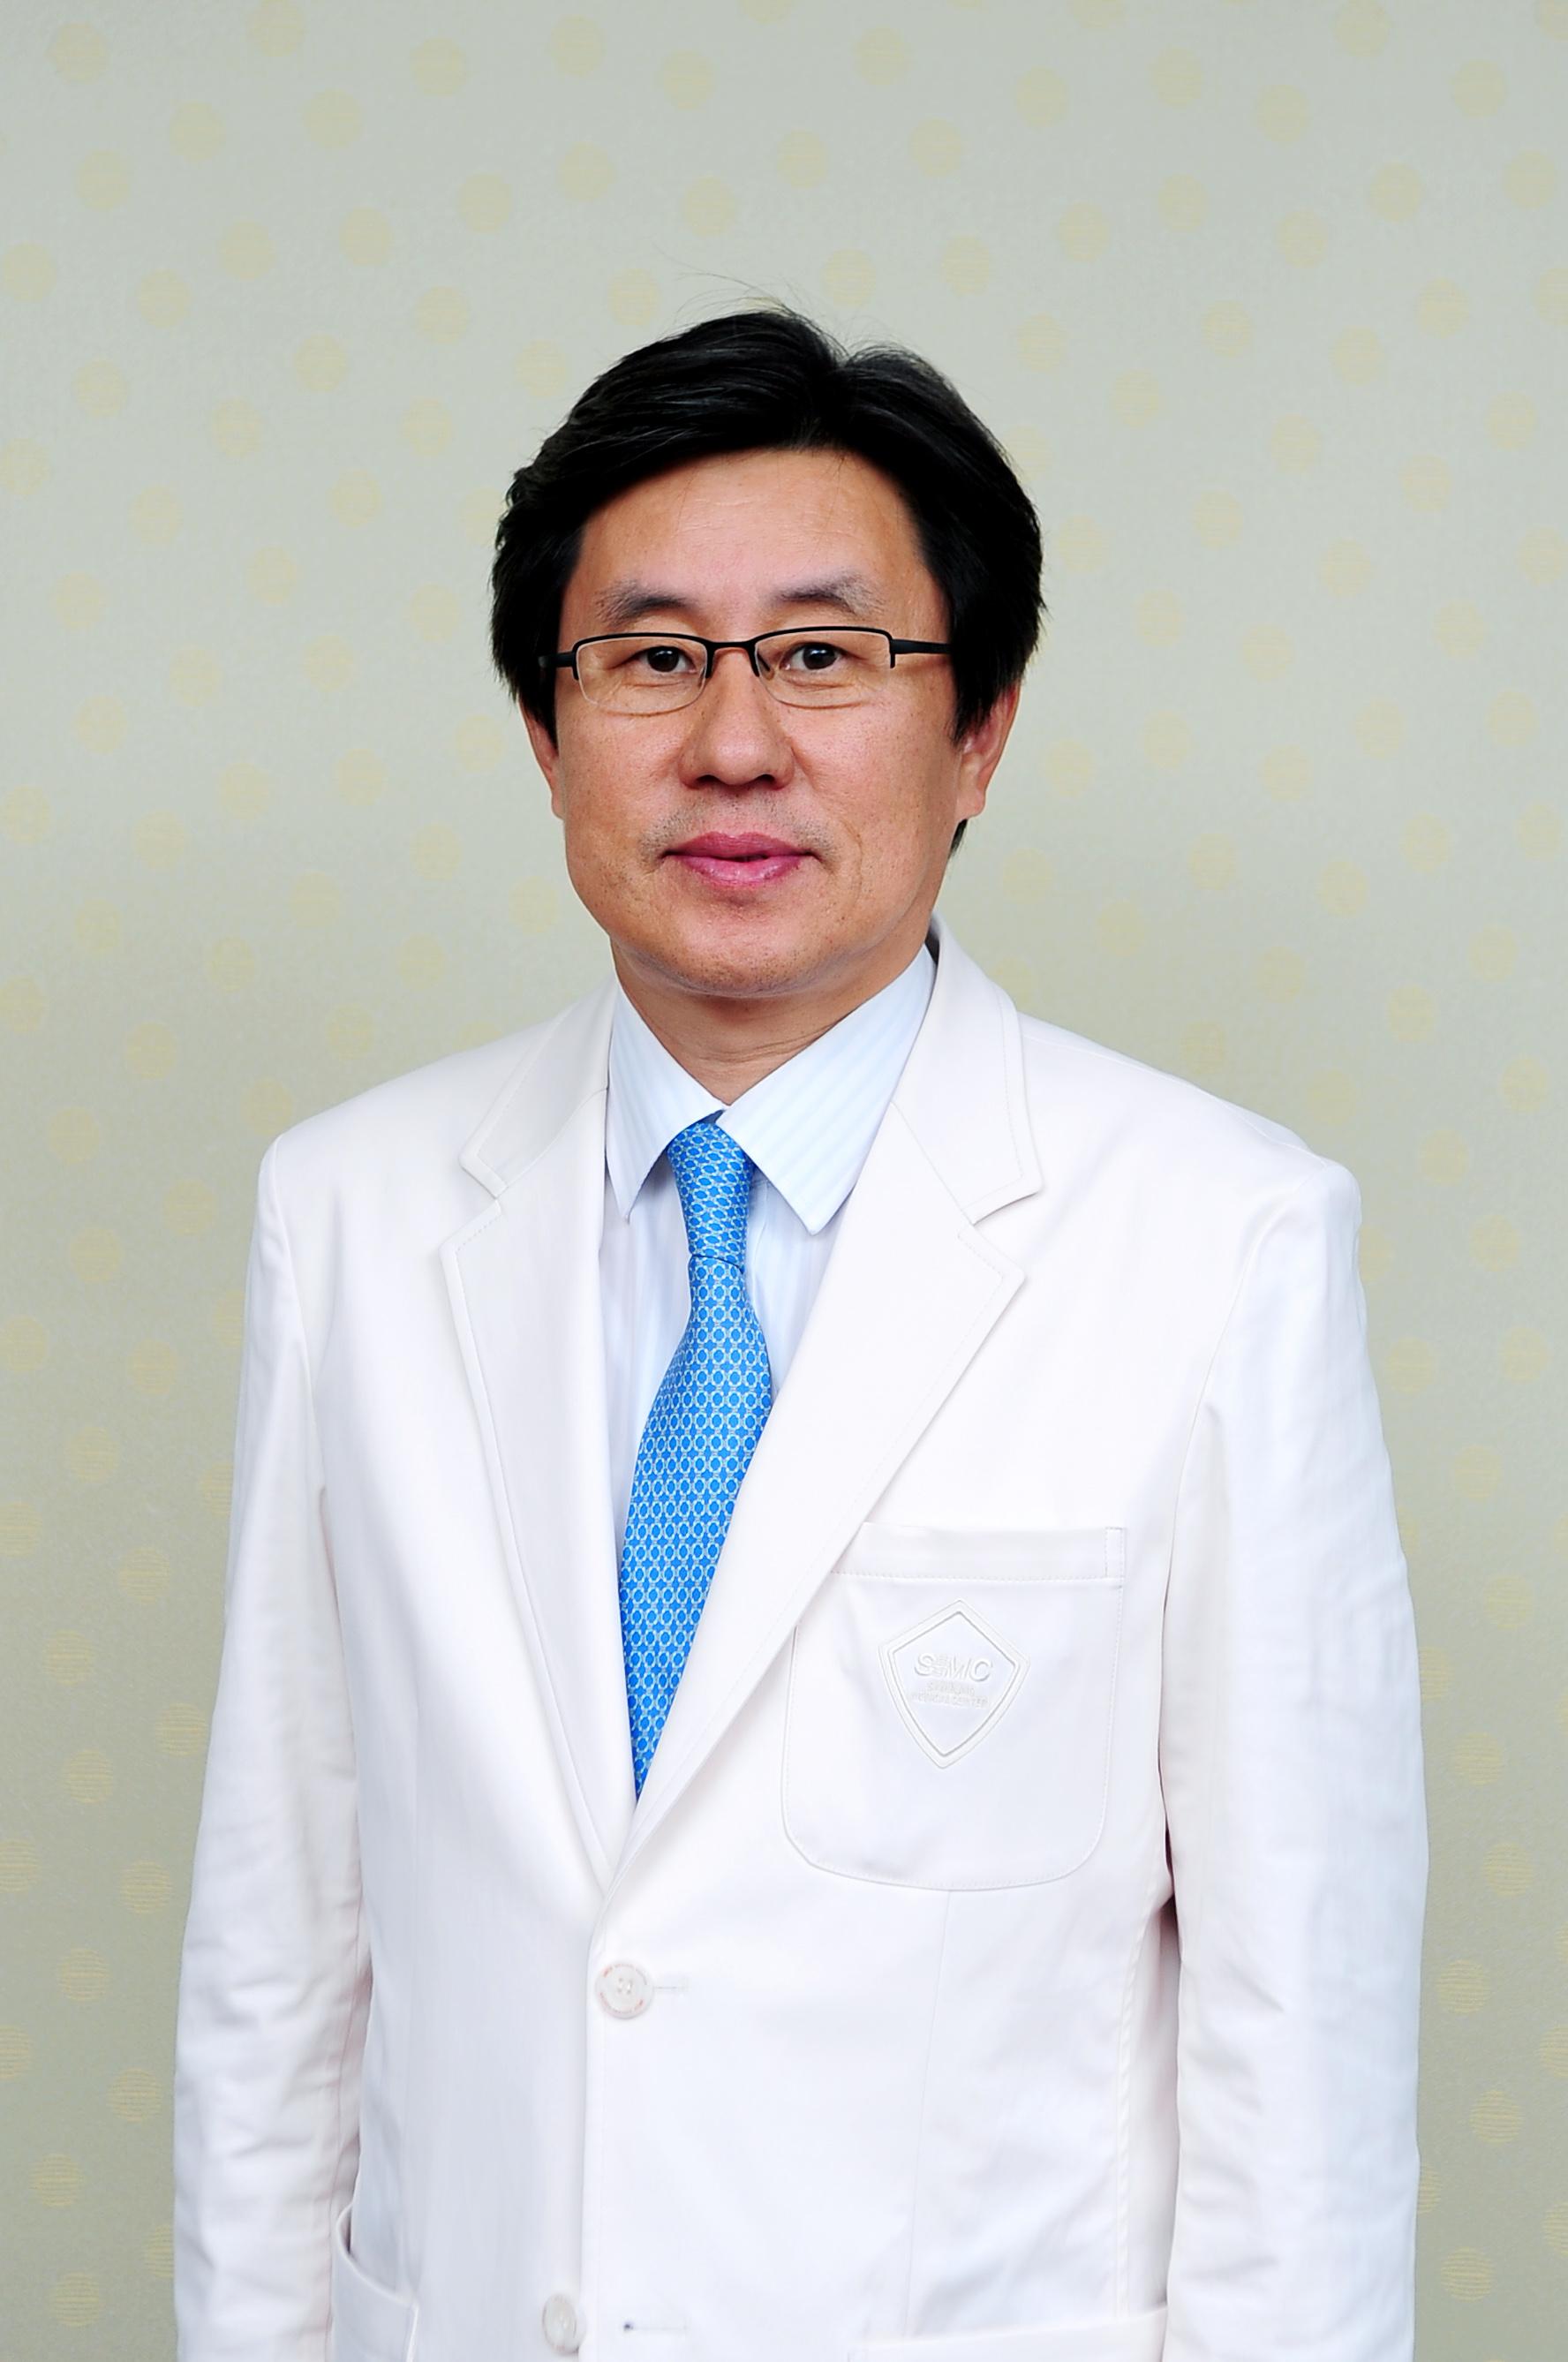 삼성서울병원 구홍회교수